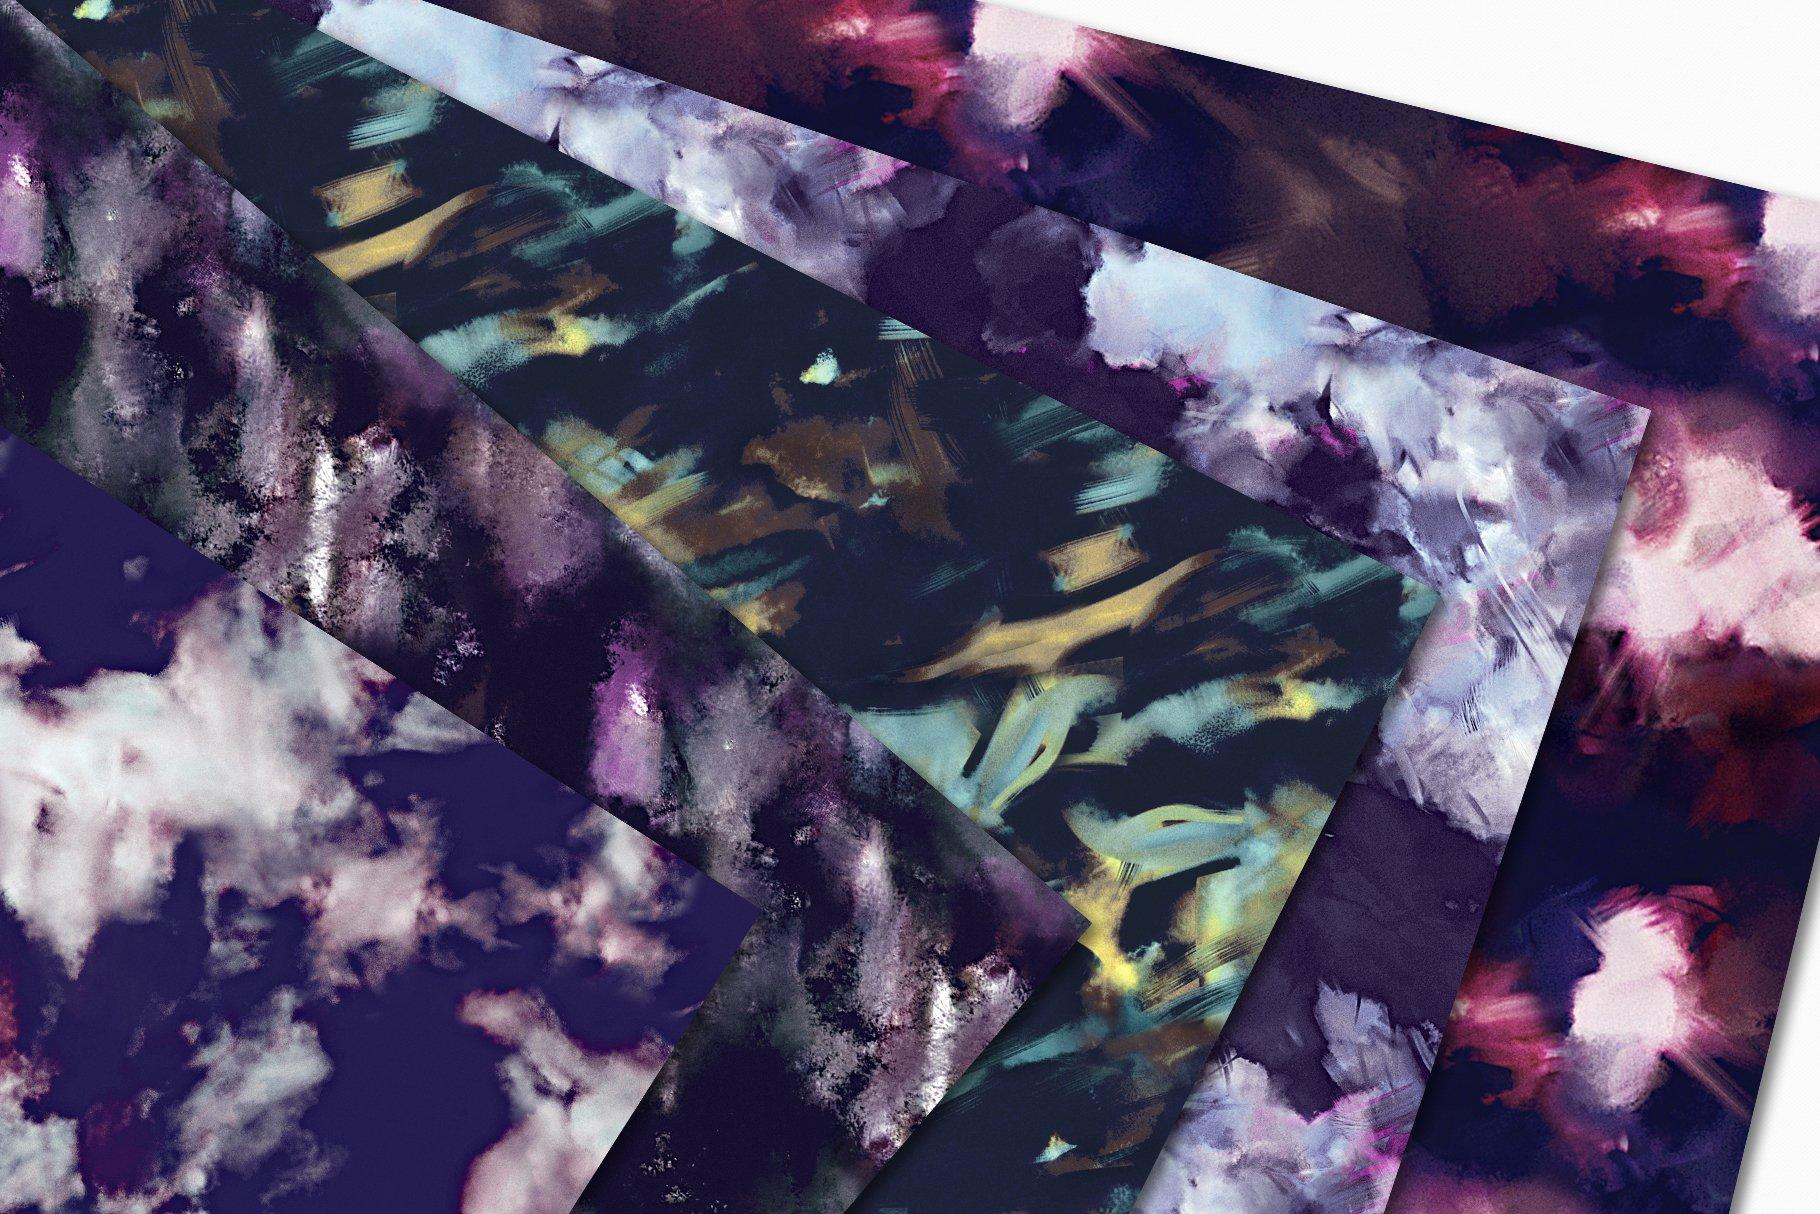 抽象紫色海军蓝绿色调丙烯酸油漆笔刷背景纹理图片素材 Brushstroke Textures Collection插图(2)